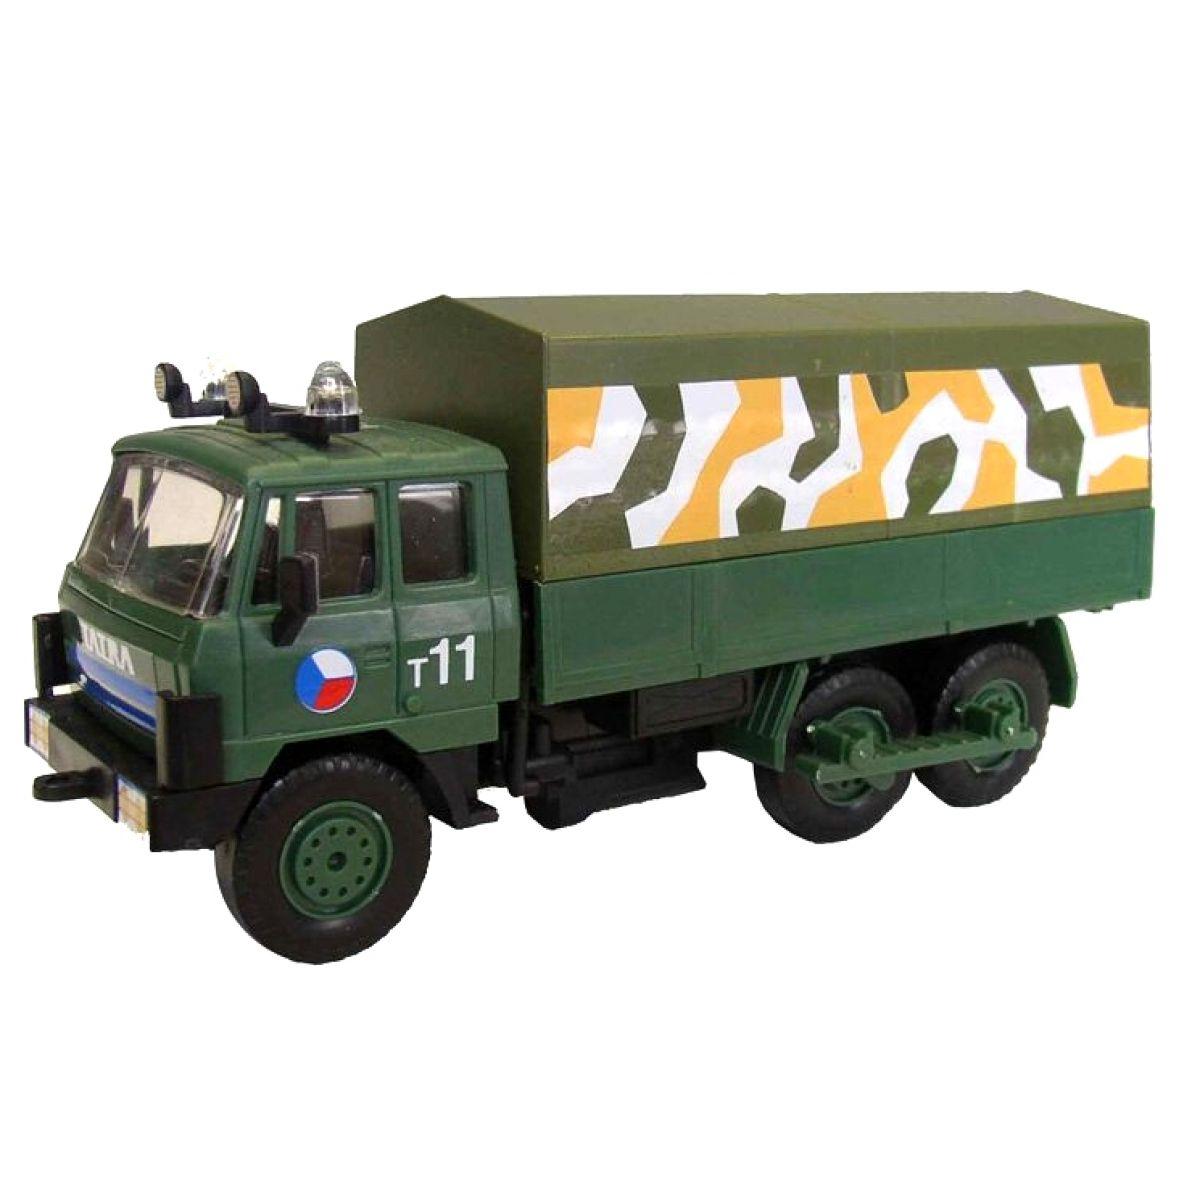 Monti System 11 Czech Army 1:48